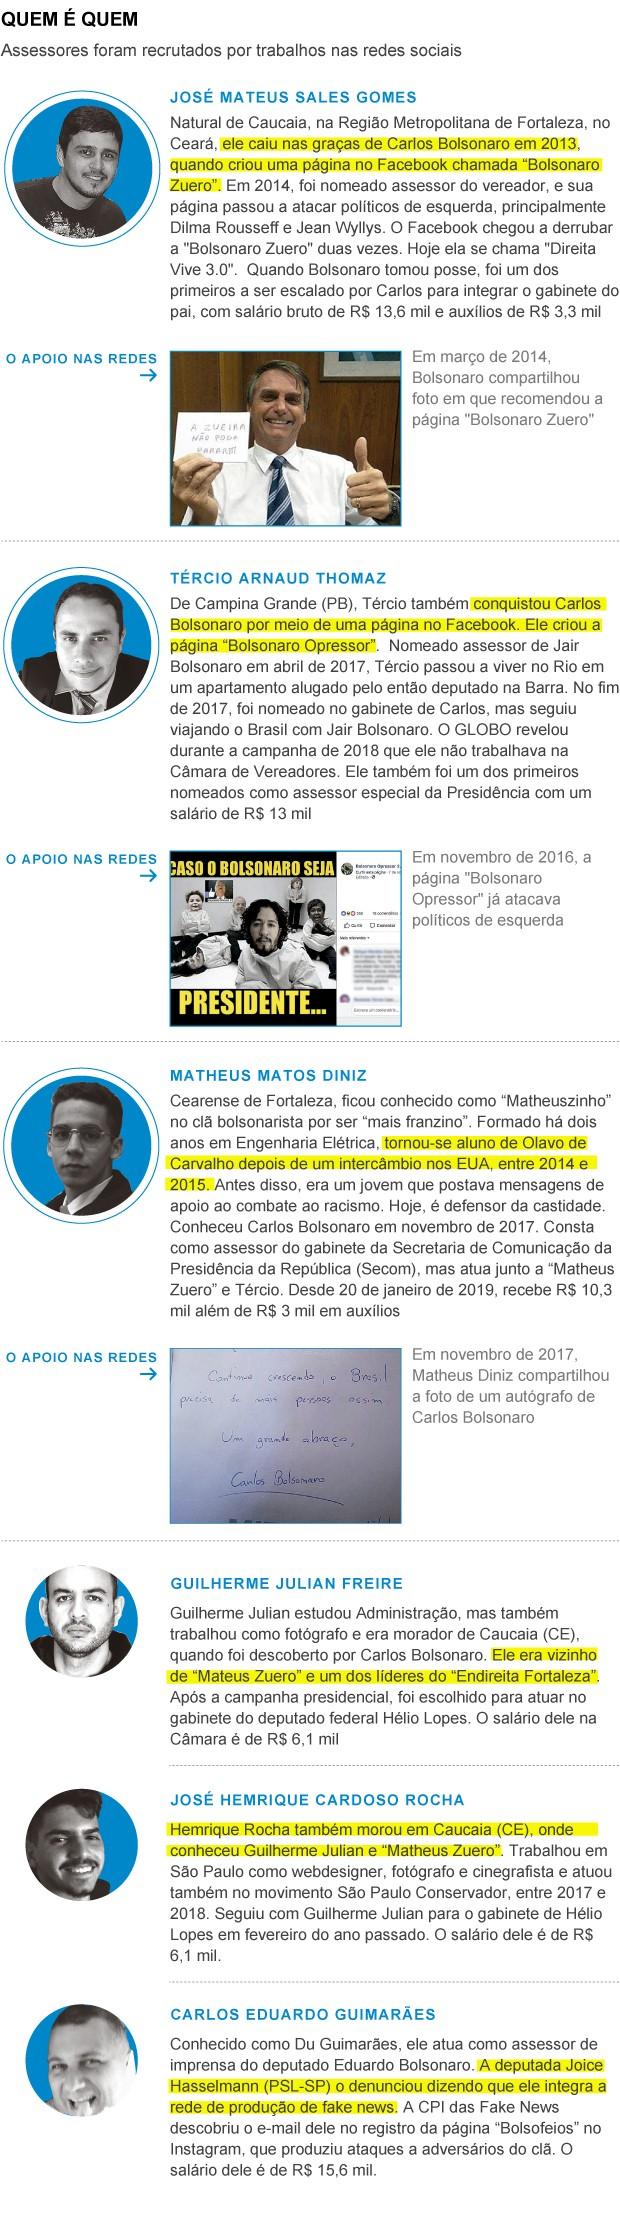 Quem são os jovens recrutados por Carlos Bolsonaro para erguer o aparelho digital do governo